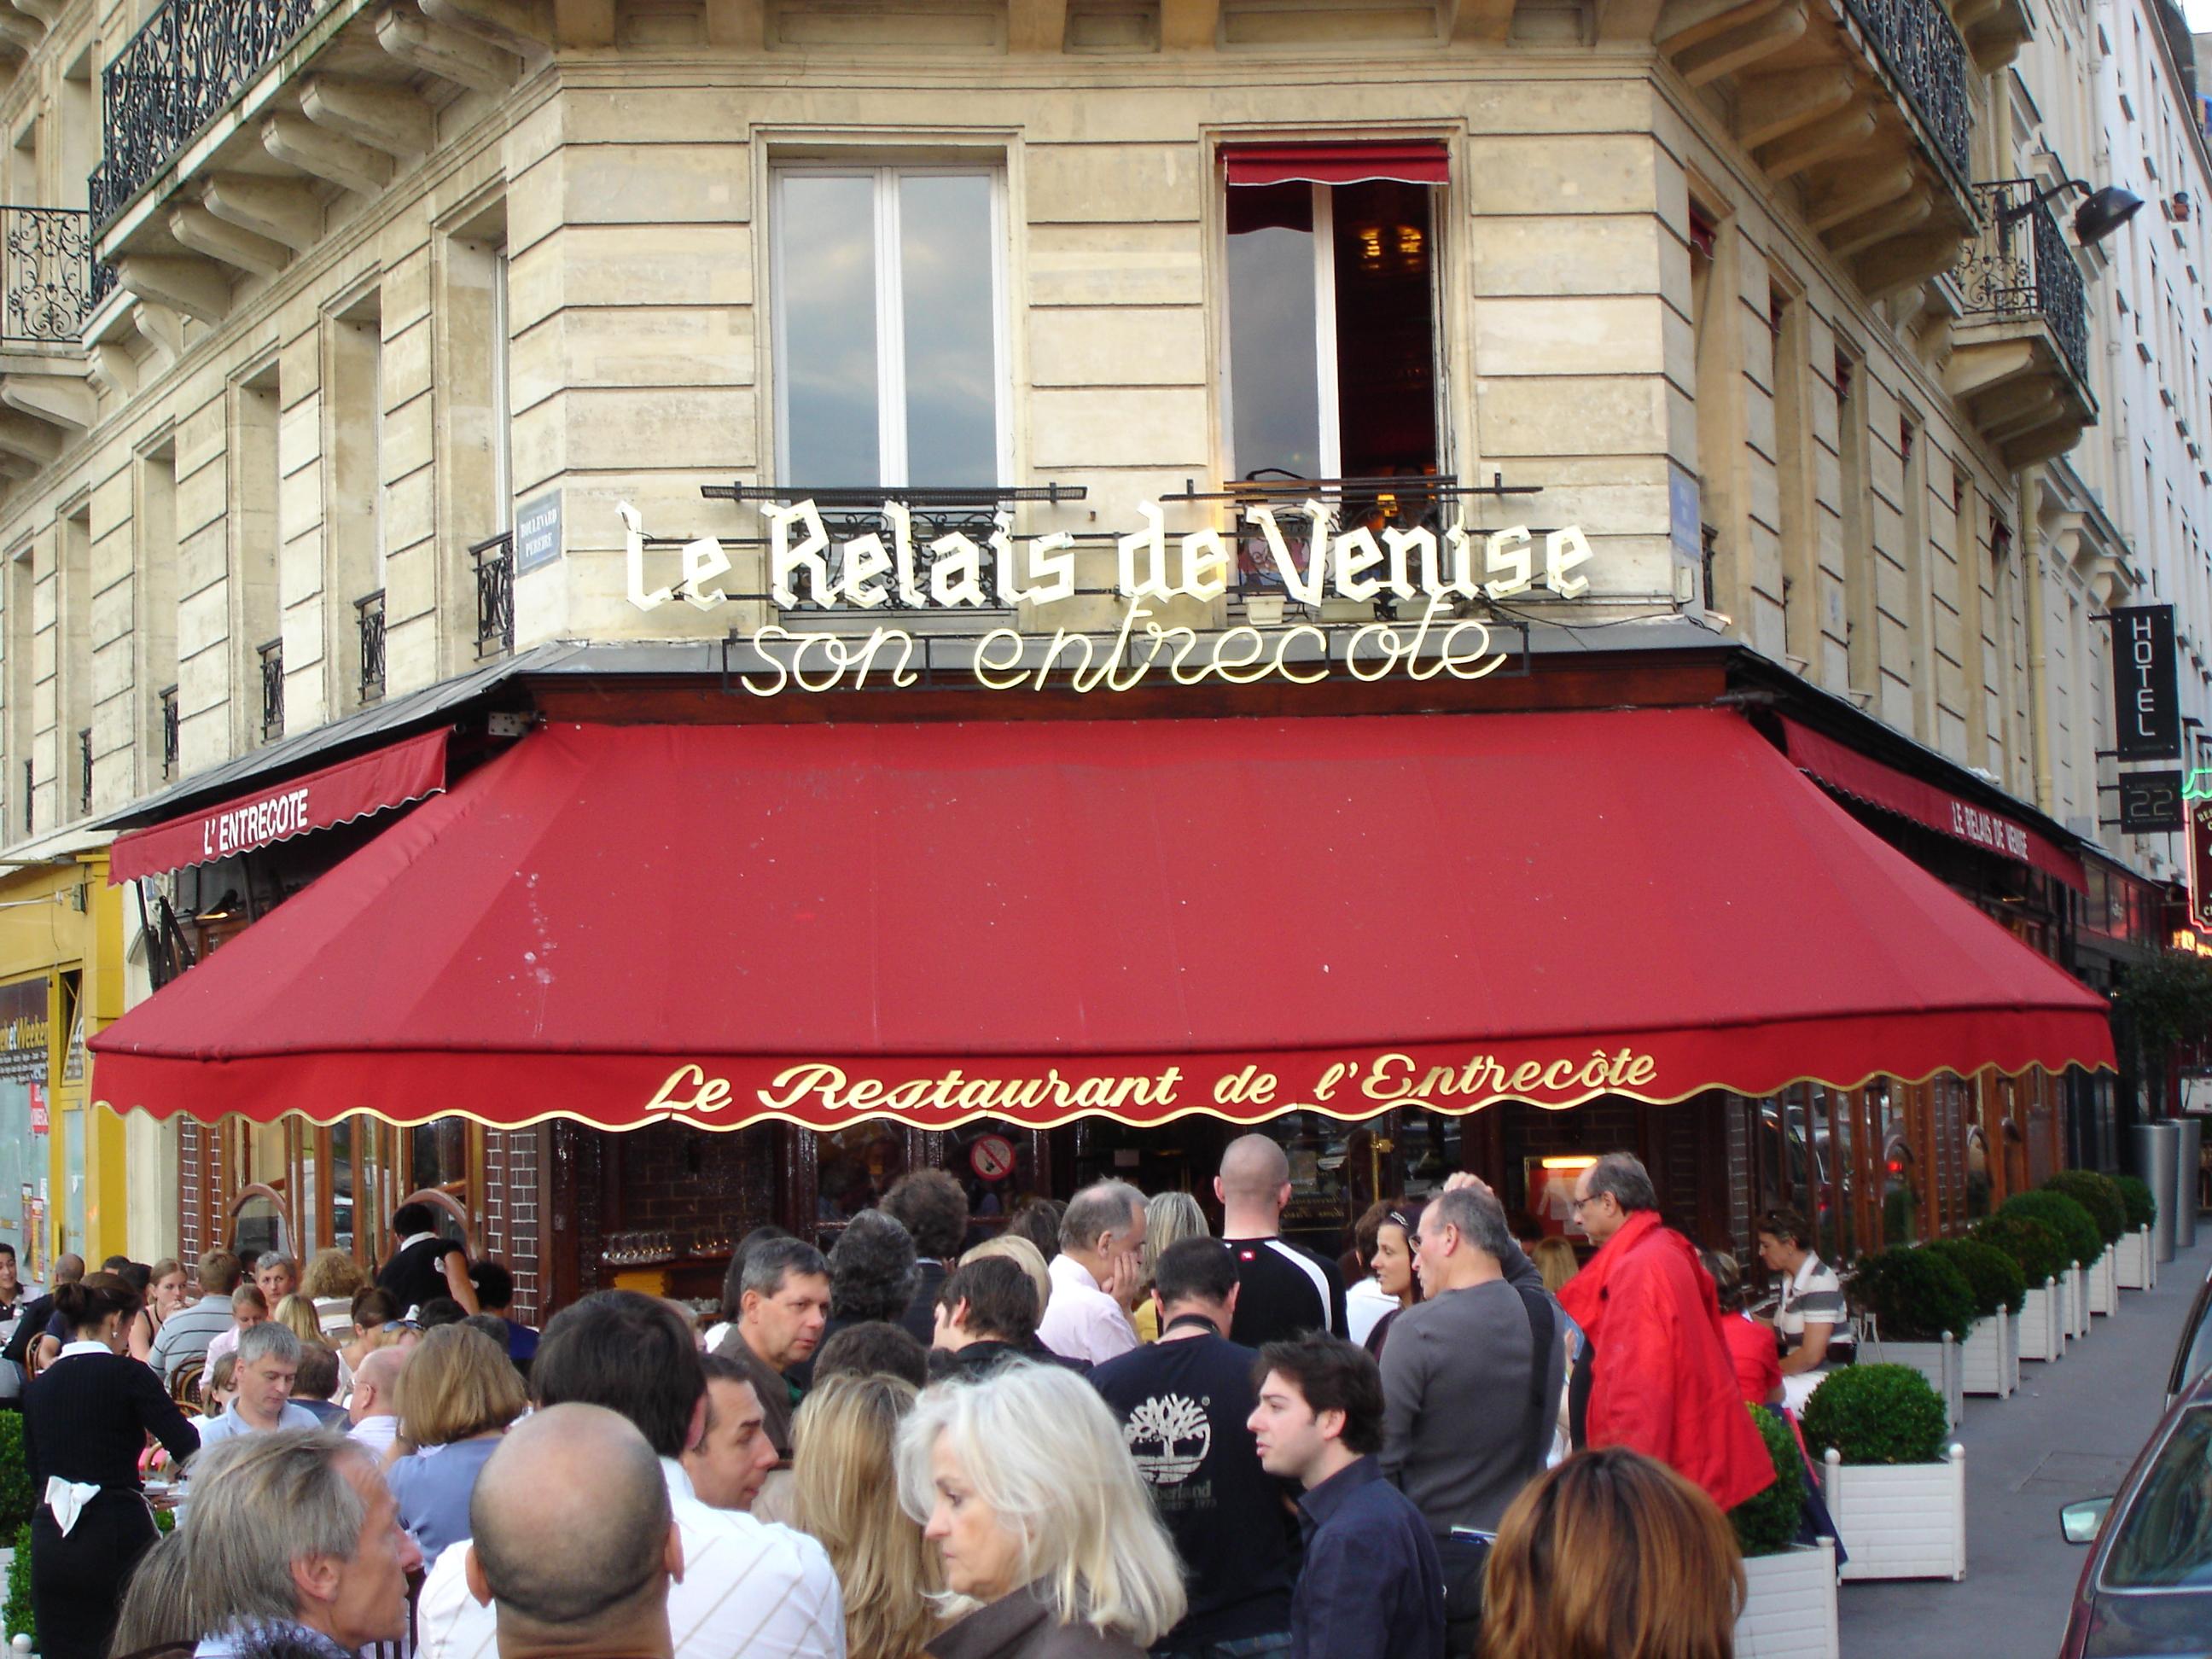 restaurants cafes le relais de venise 39 39 l 39 entrecote 39 39